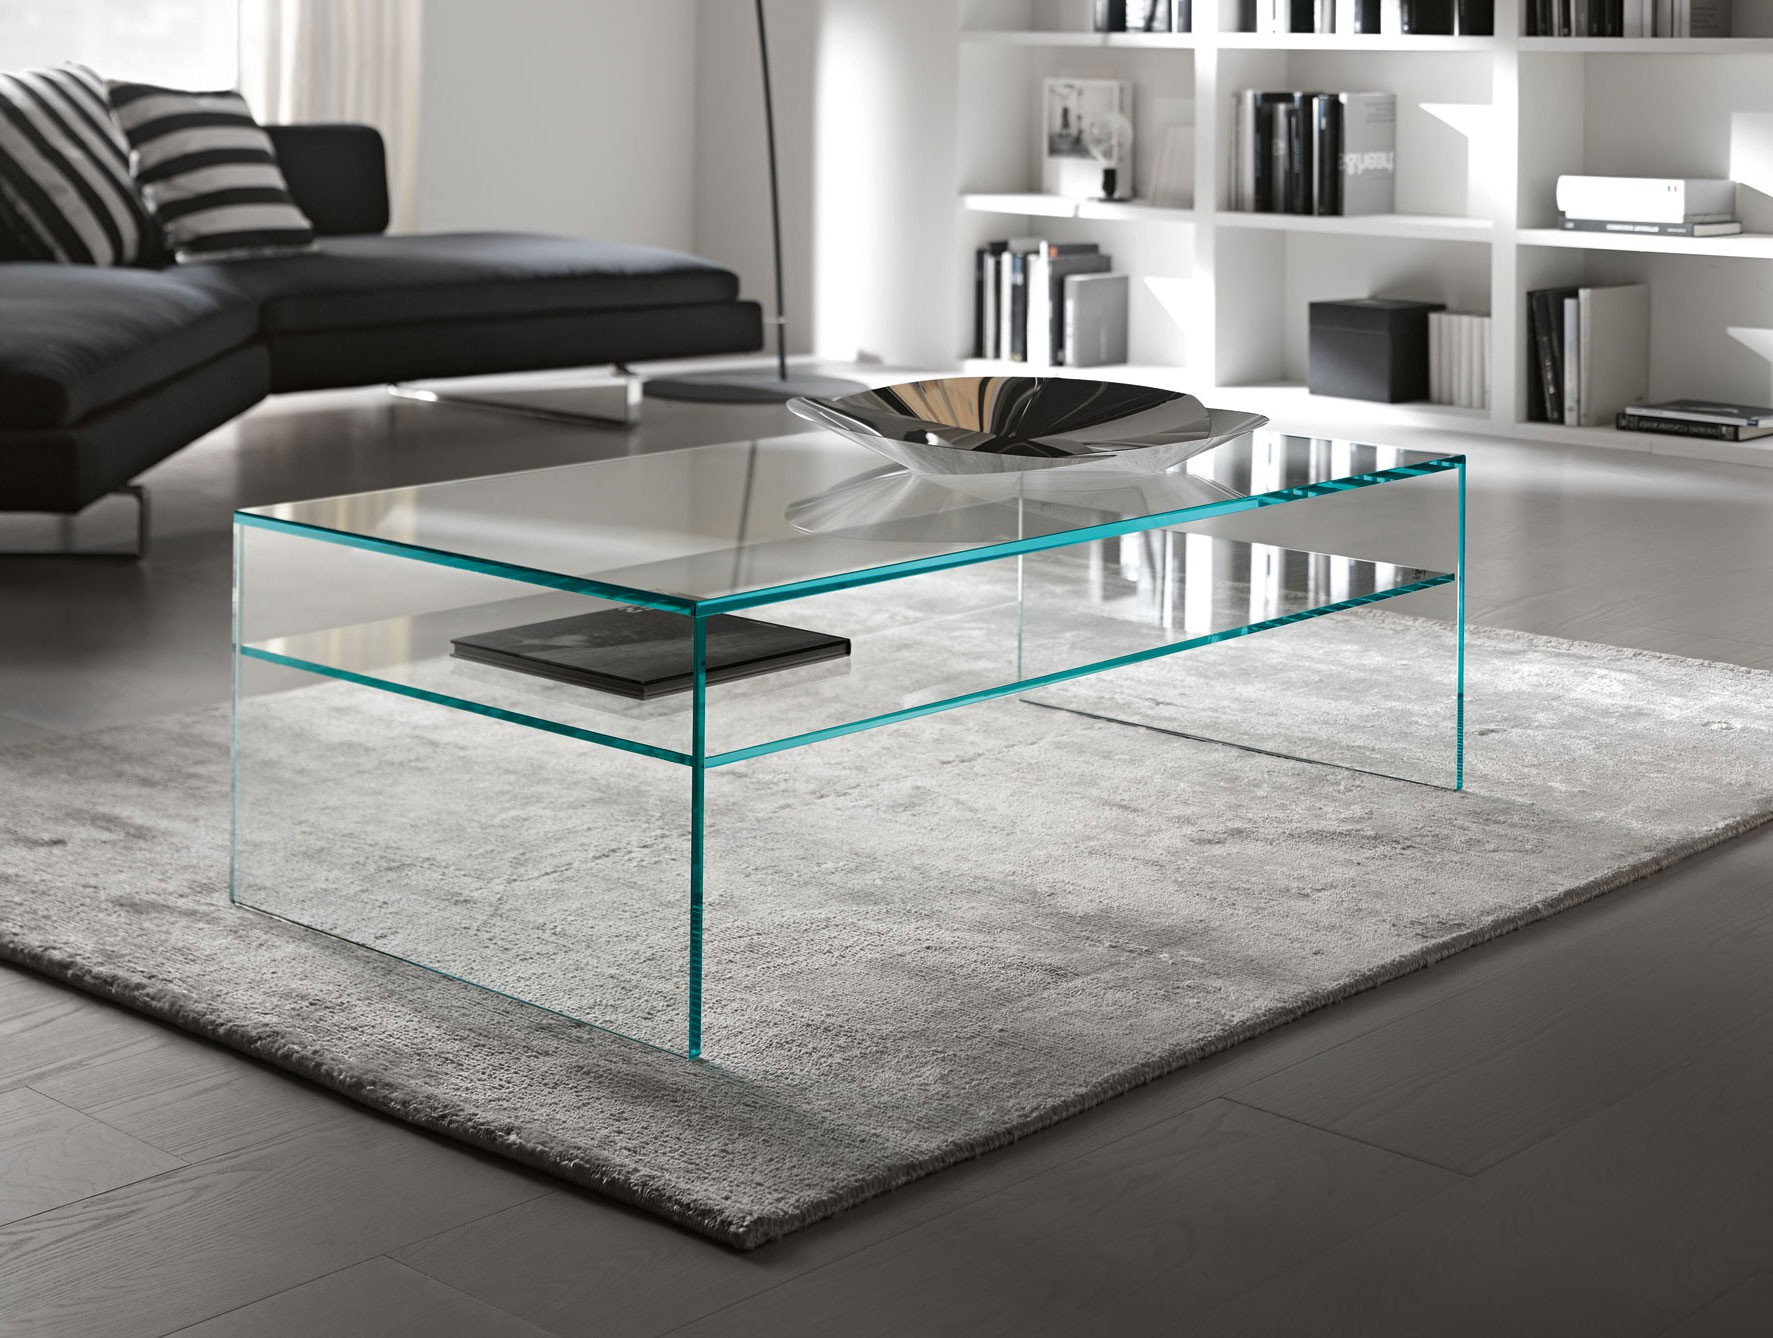 Bijzettafel In Glas.Glazen Salontafel Milano Plus Op Maat Rechthoek Glazentafel Com